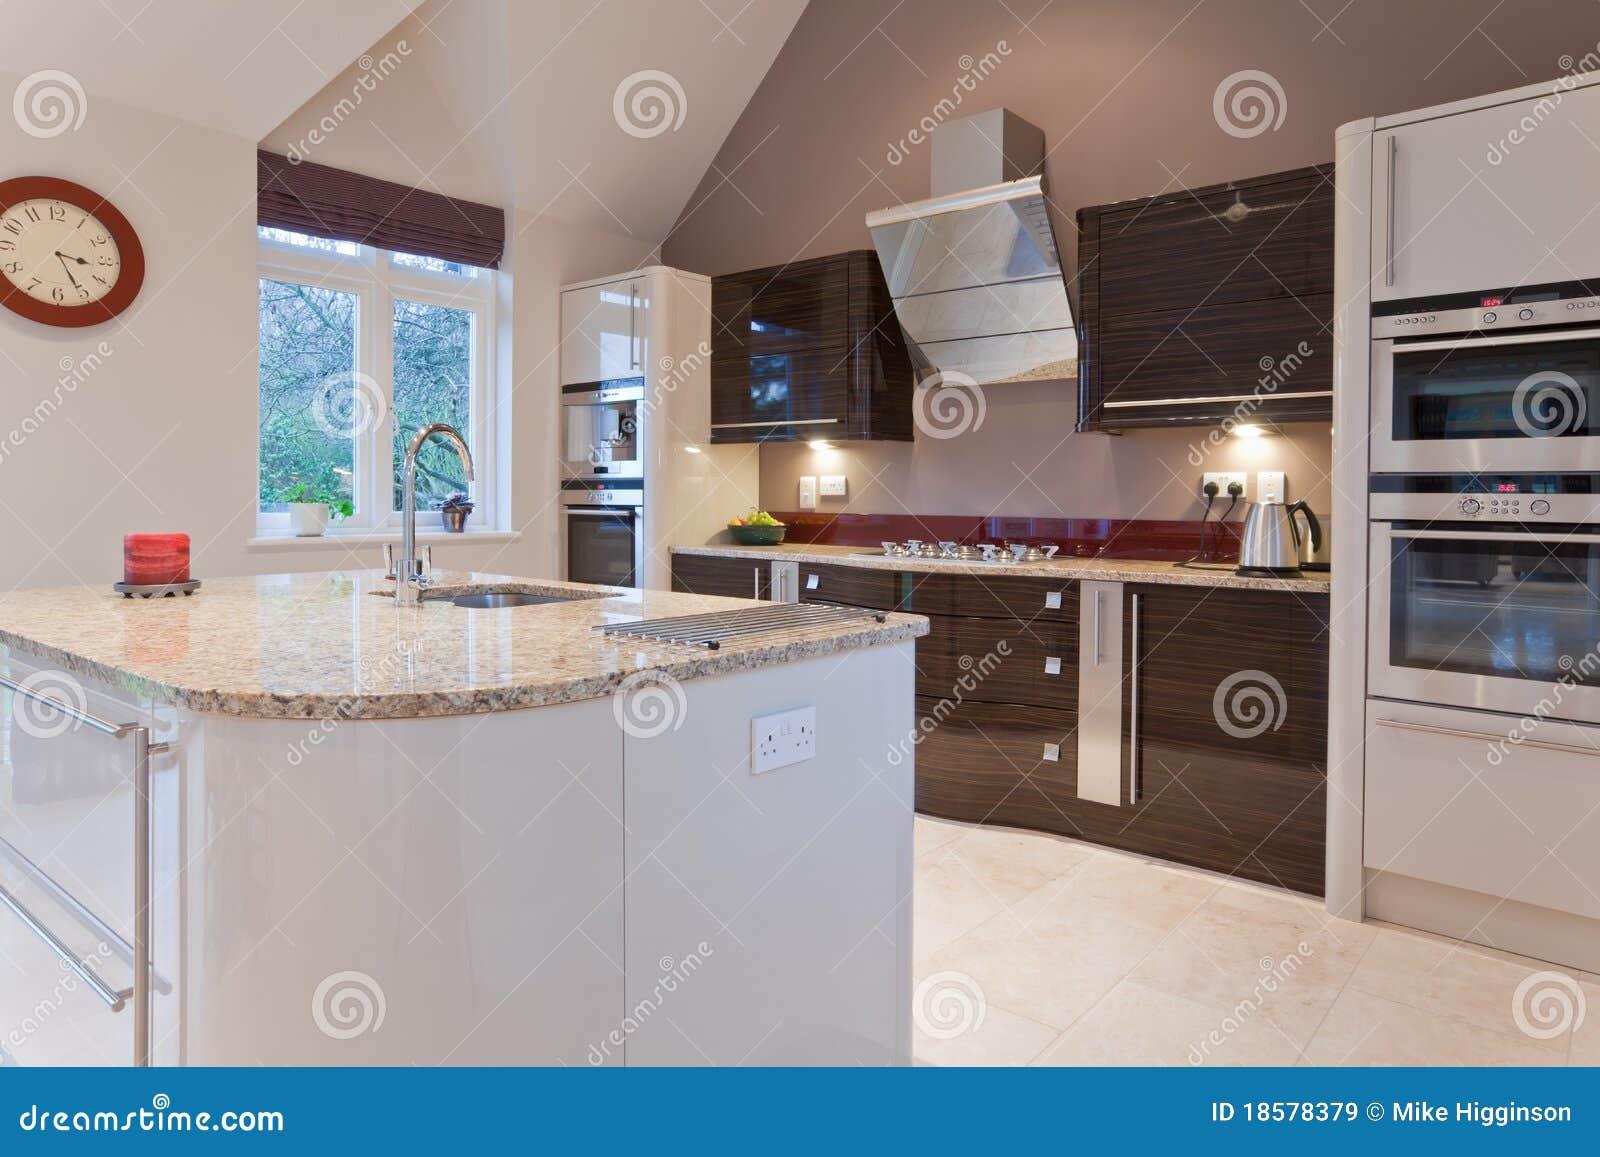 sch ne moderne k che lizenzfreie stockbilder bild 18578379. Black Bedroom Furniture Sets. Home Design Ideas